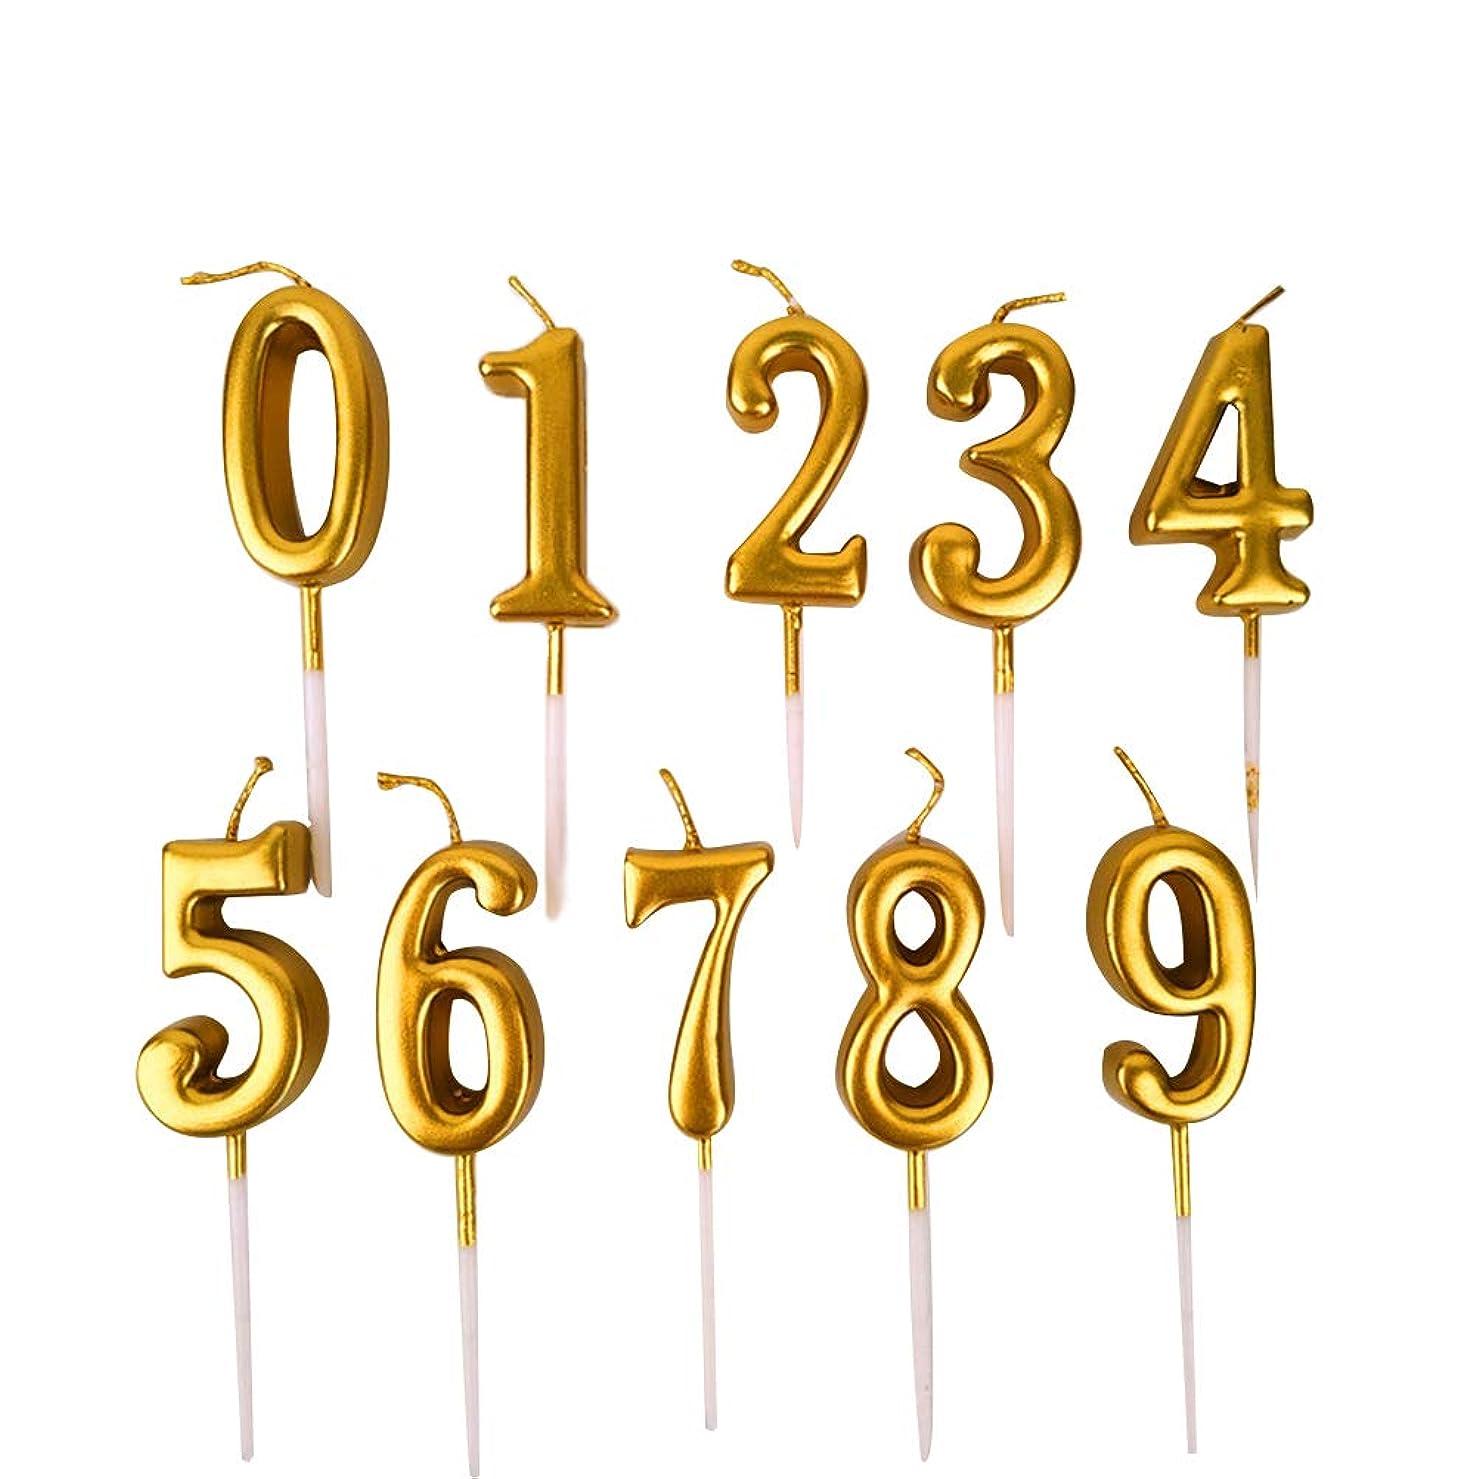 コンパス理論的象NUOBESTY 誕生日数字キャンドル、10ピース番号0-9グリッターケーキトッパー装飾用誕生日パーティーの好意